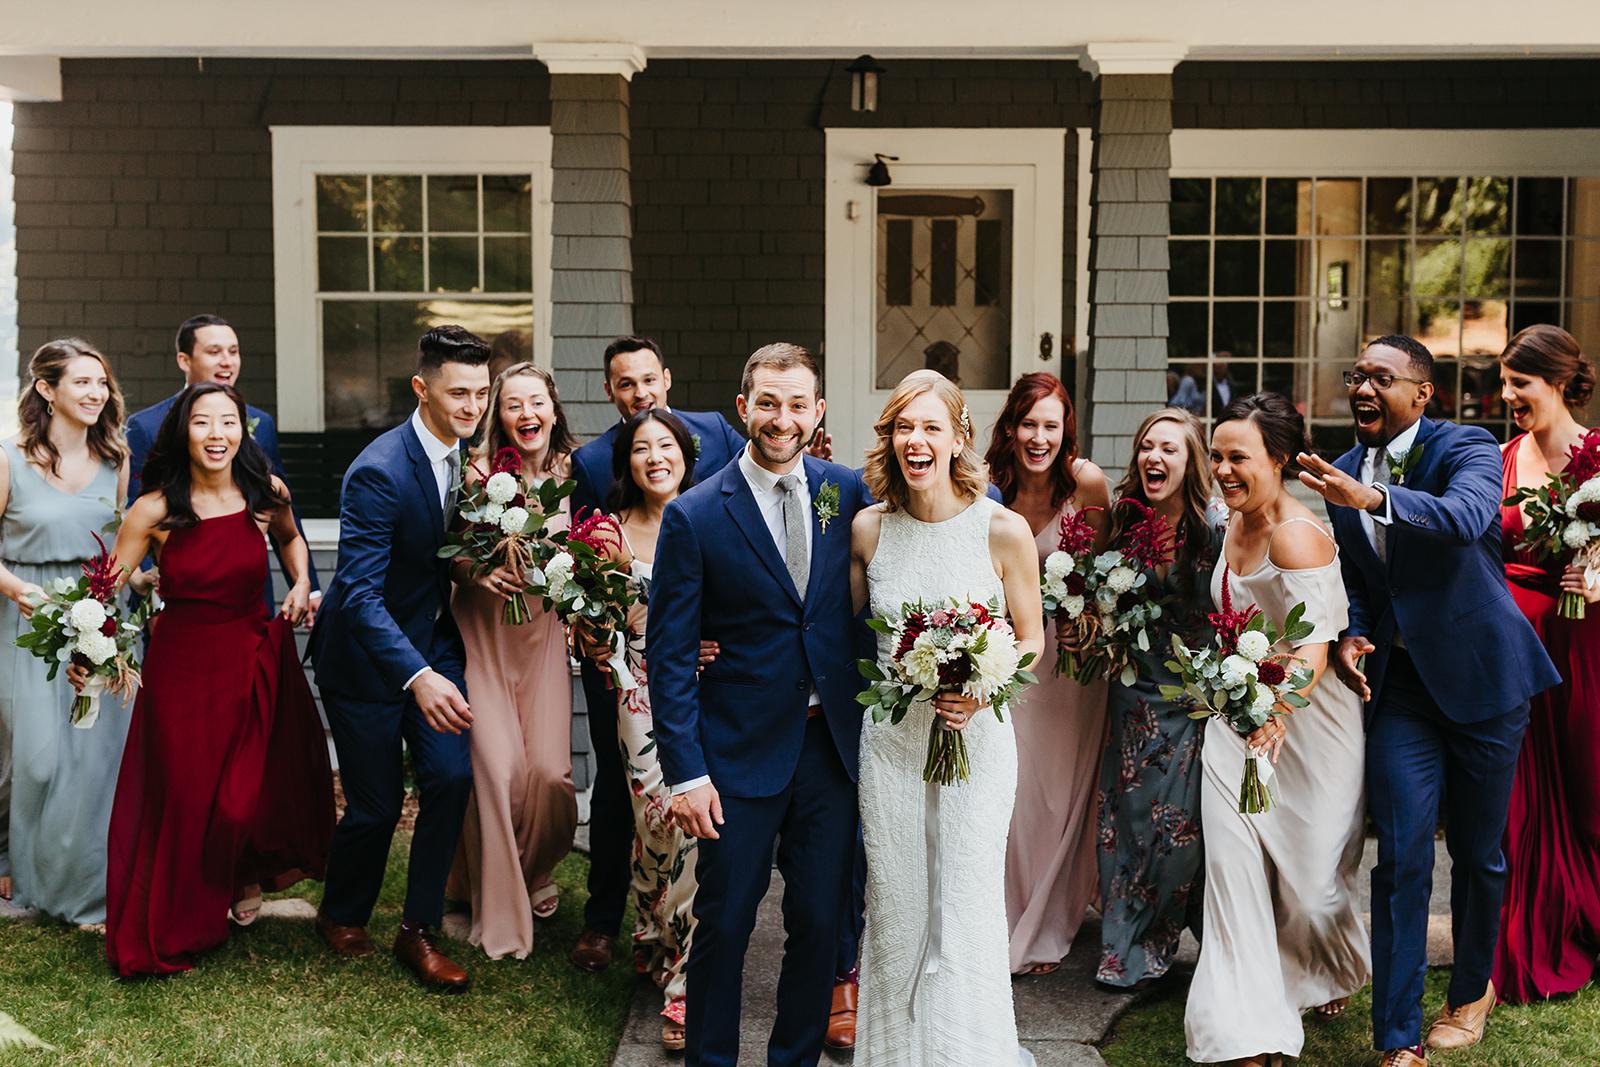 HilaryJaminWedding-WeddingParty-63.jpg